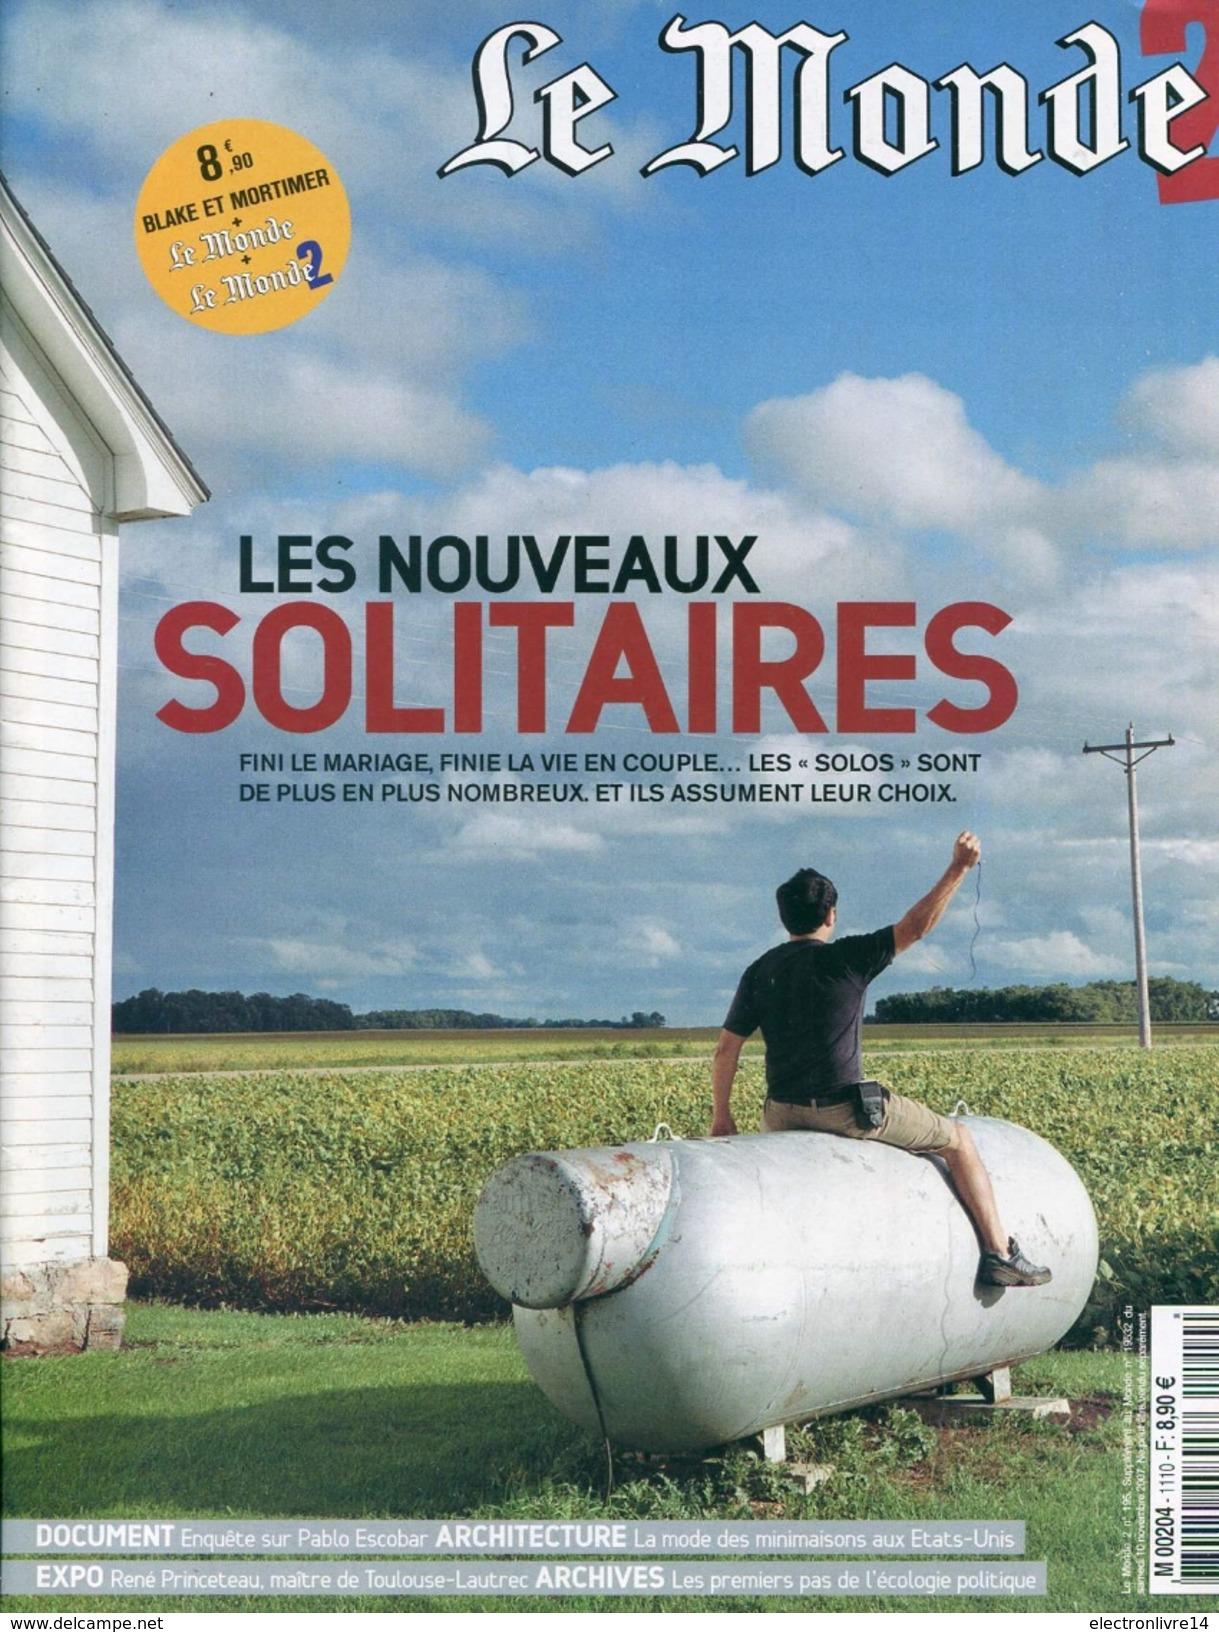 Lot De 9 Supplement Du Monde Avec Tous Un Article Sur Blake  Et Mortiner Dans Les Revues - Books, Magazines, Comics